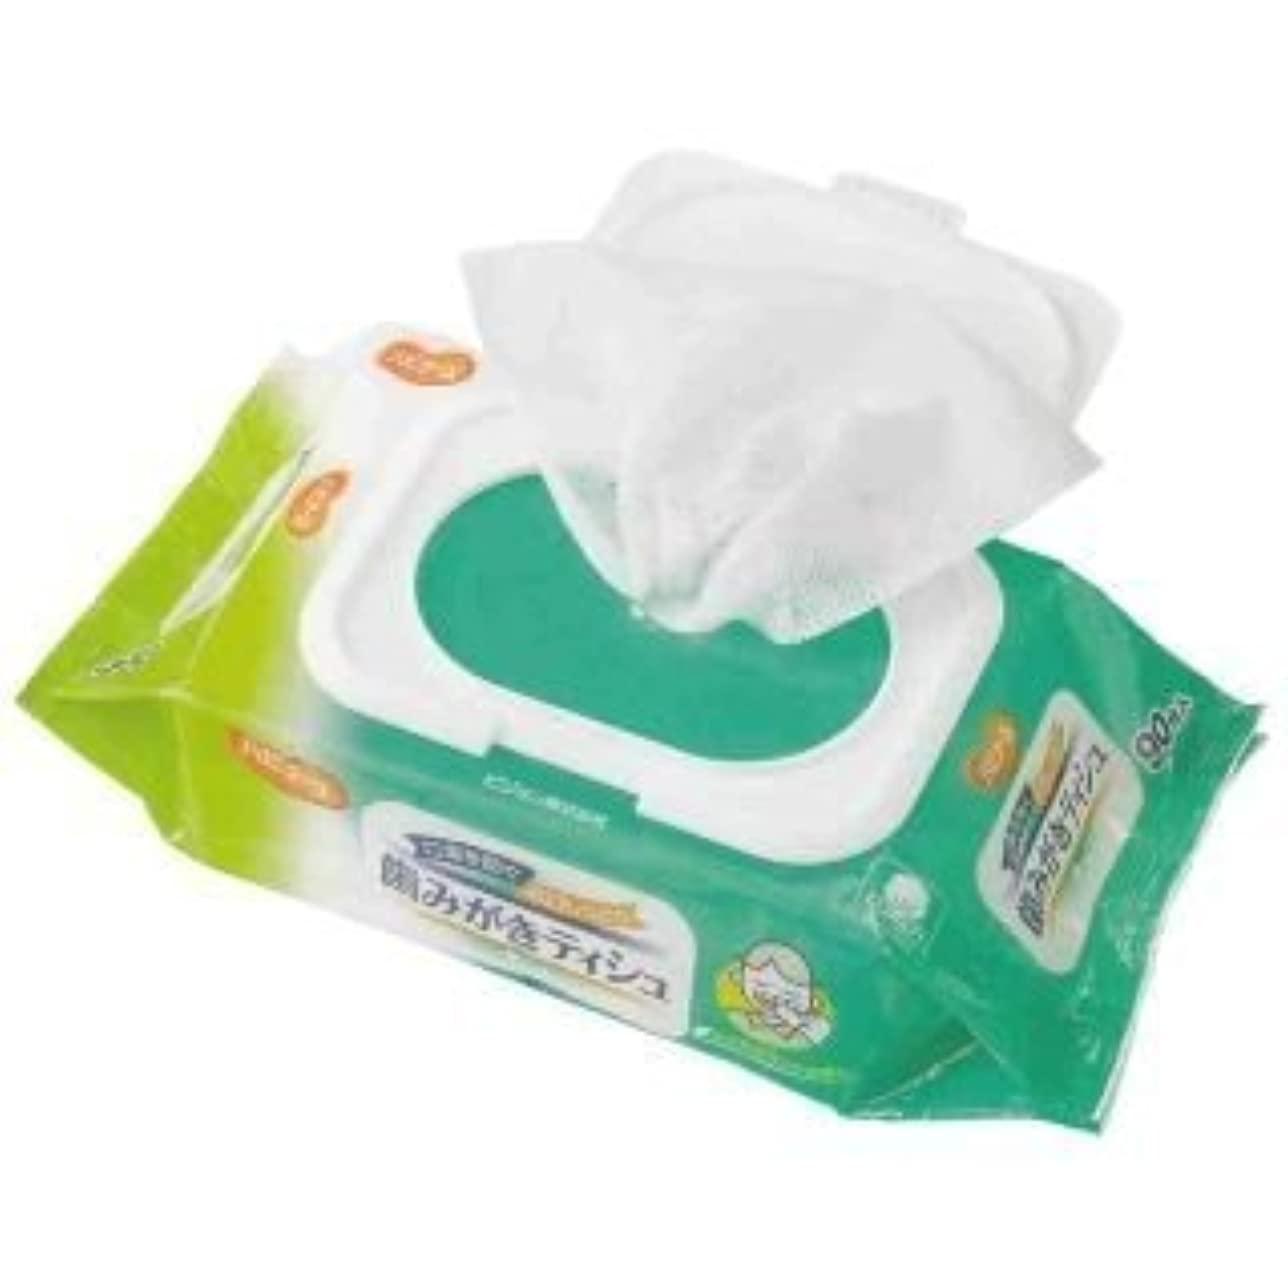 裏切る物足りない保護する口臭を防ぐ&お口しっとり!ふきとりやすいコットンメッシュシート!お口が乾燥して、お口の臭いが気になるときに!歯みがきティシュ 90枚入【4個セット】